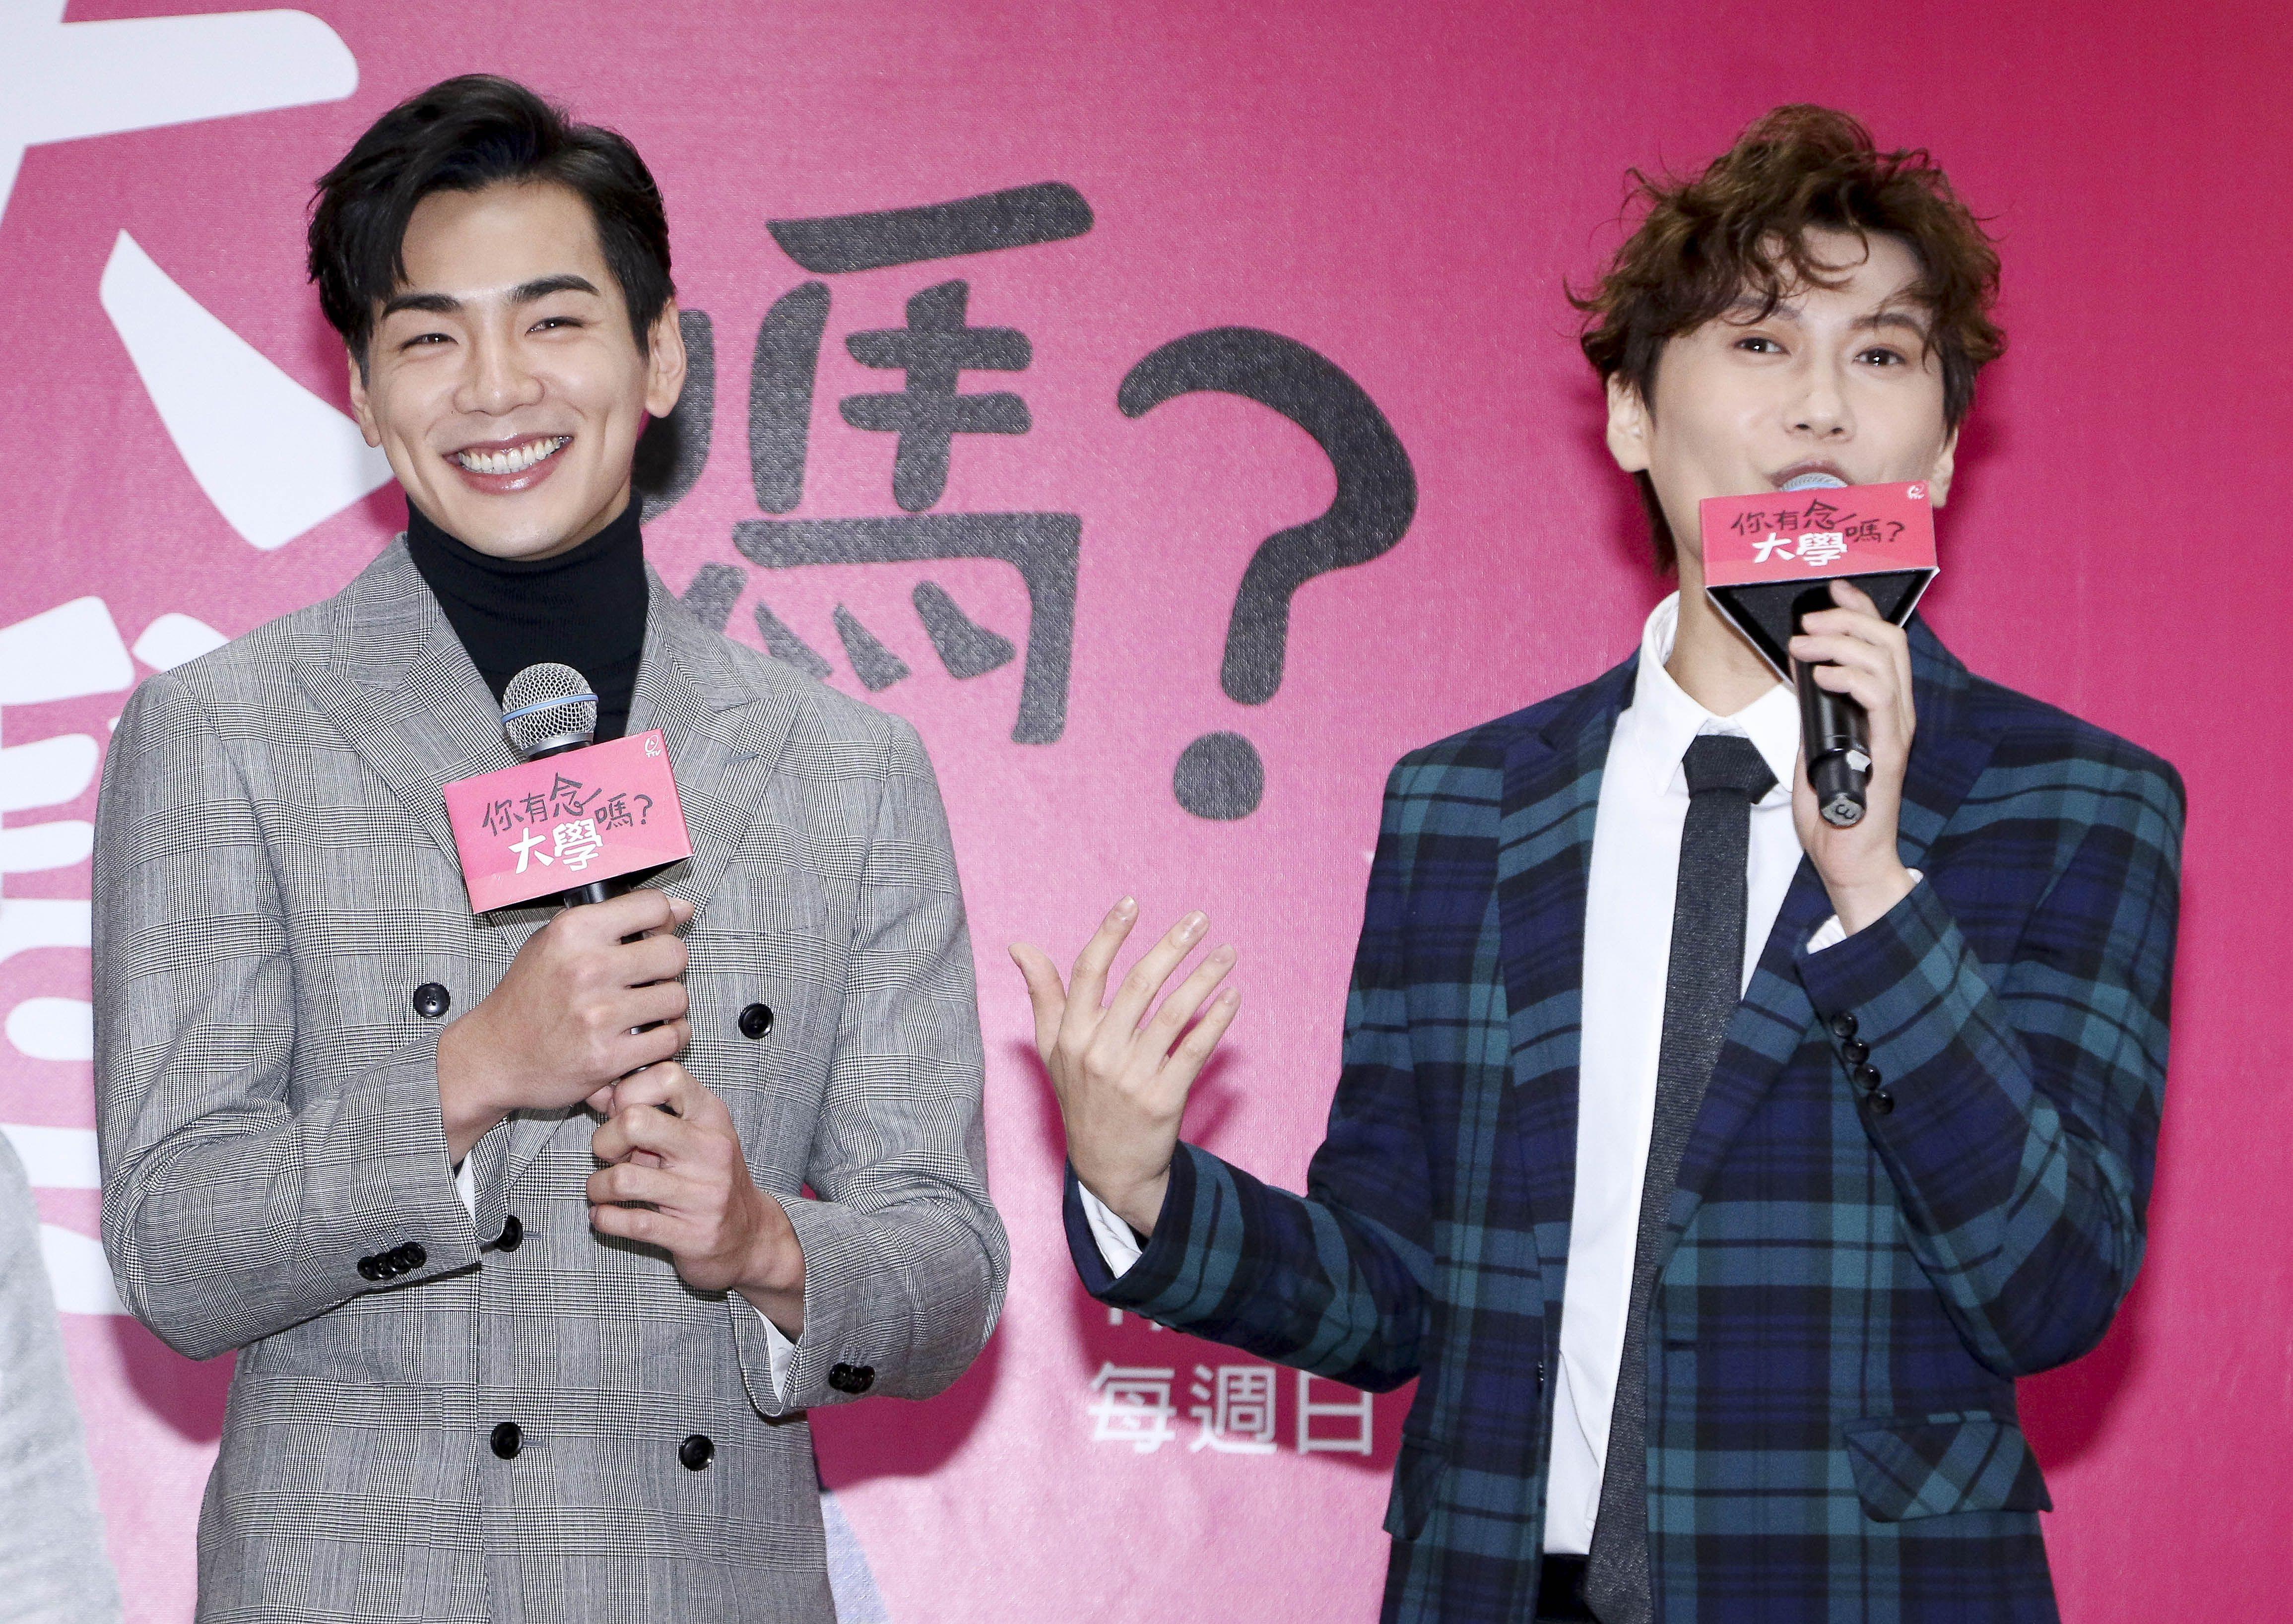 「你有念大學嗎?」演員禾浩辰 (布魯斯)、邱宇辰(毛弟)一同出席。(記者林士傑/攝影)